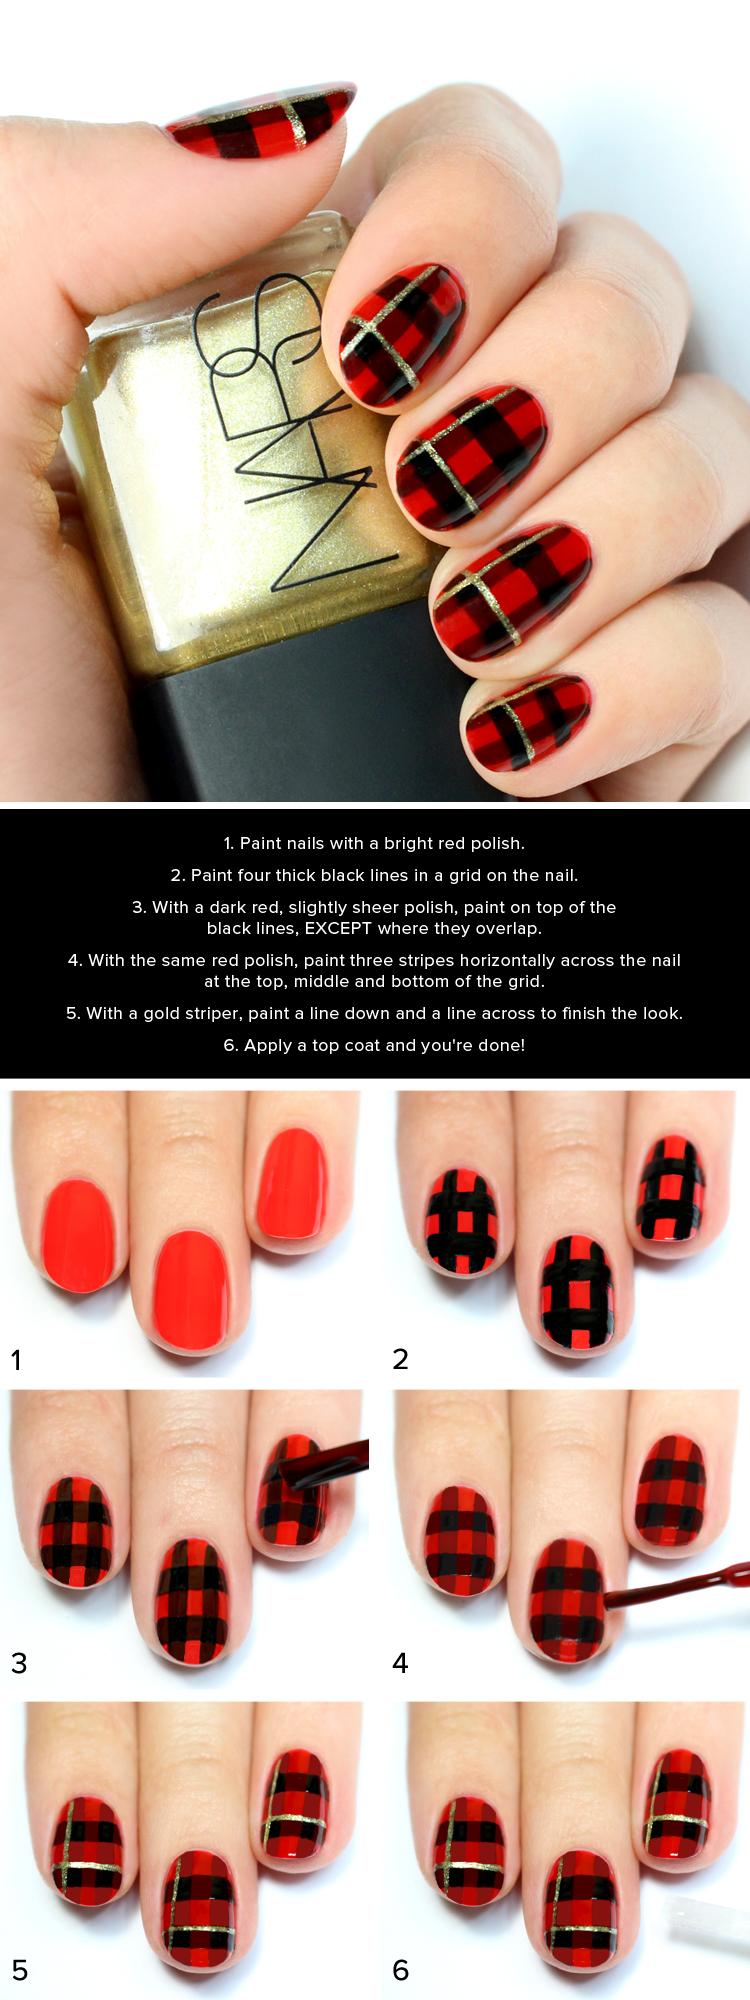 Red plaid print nail